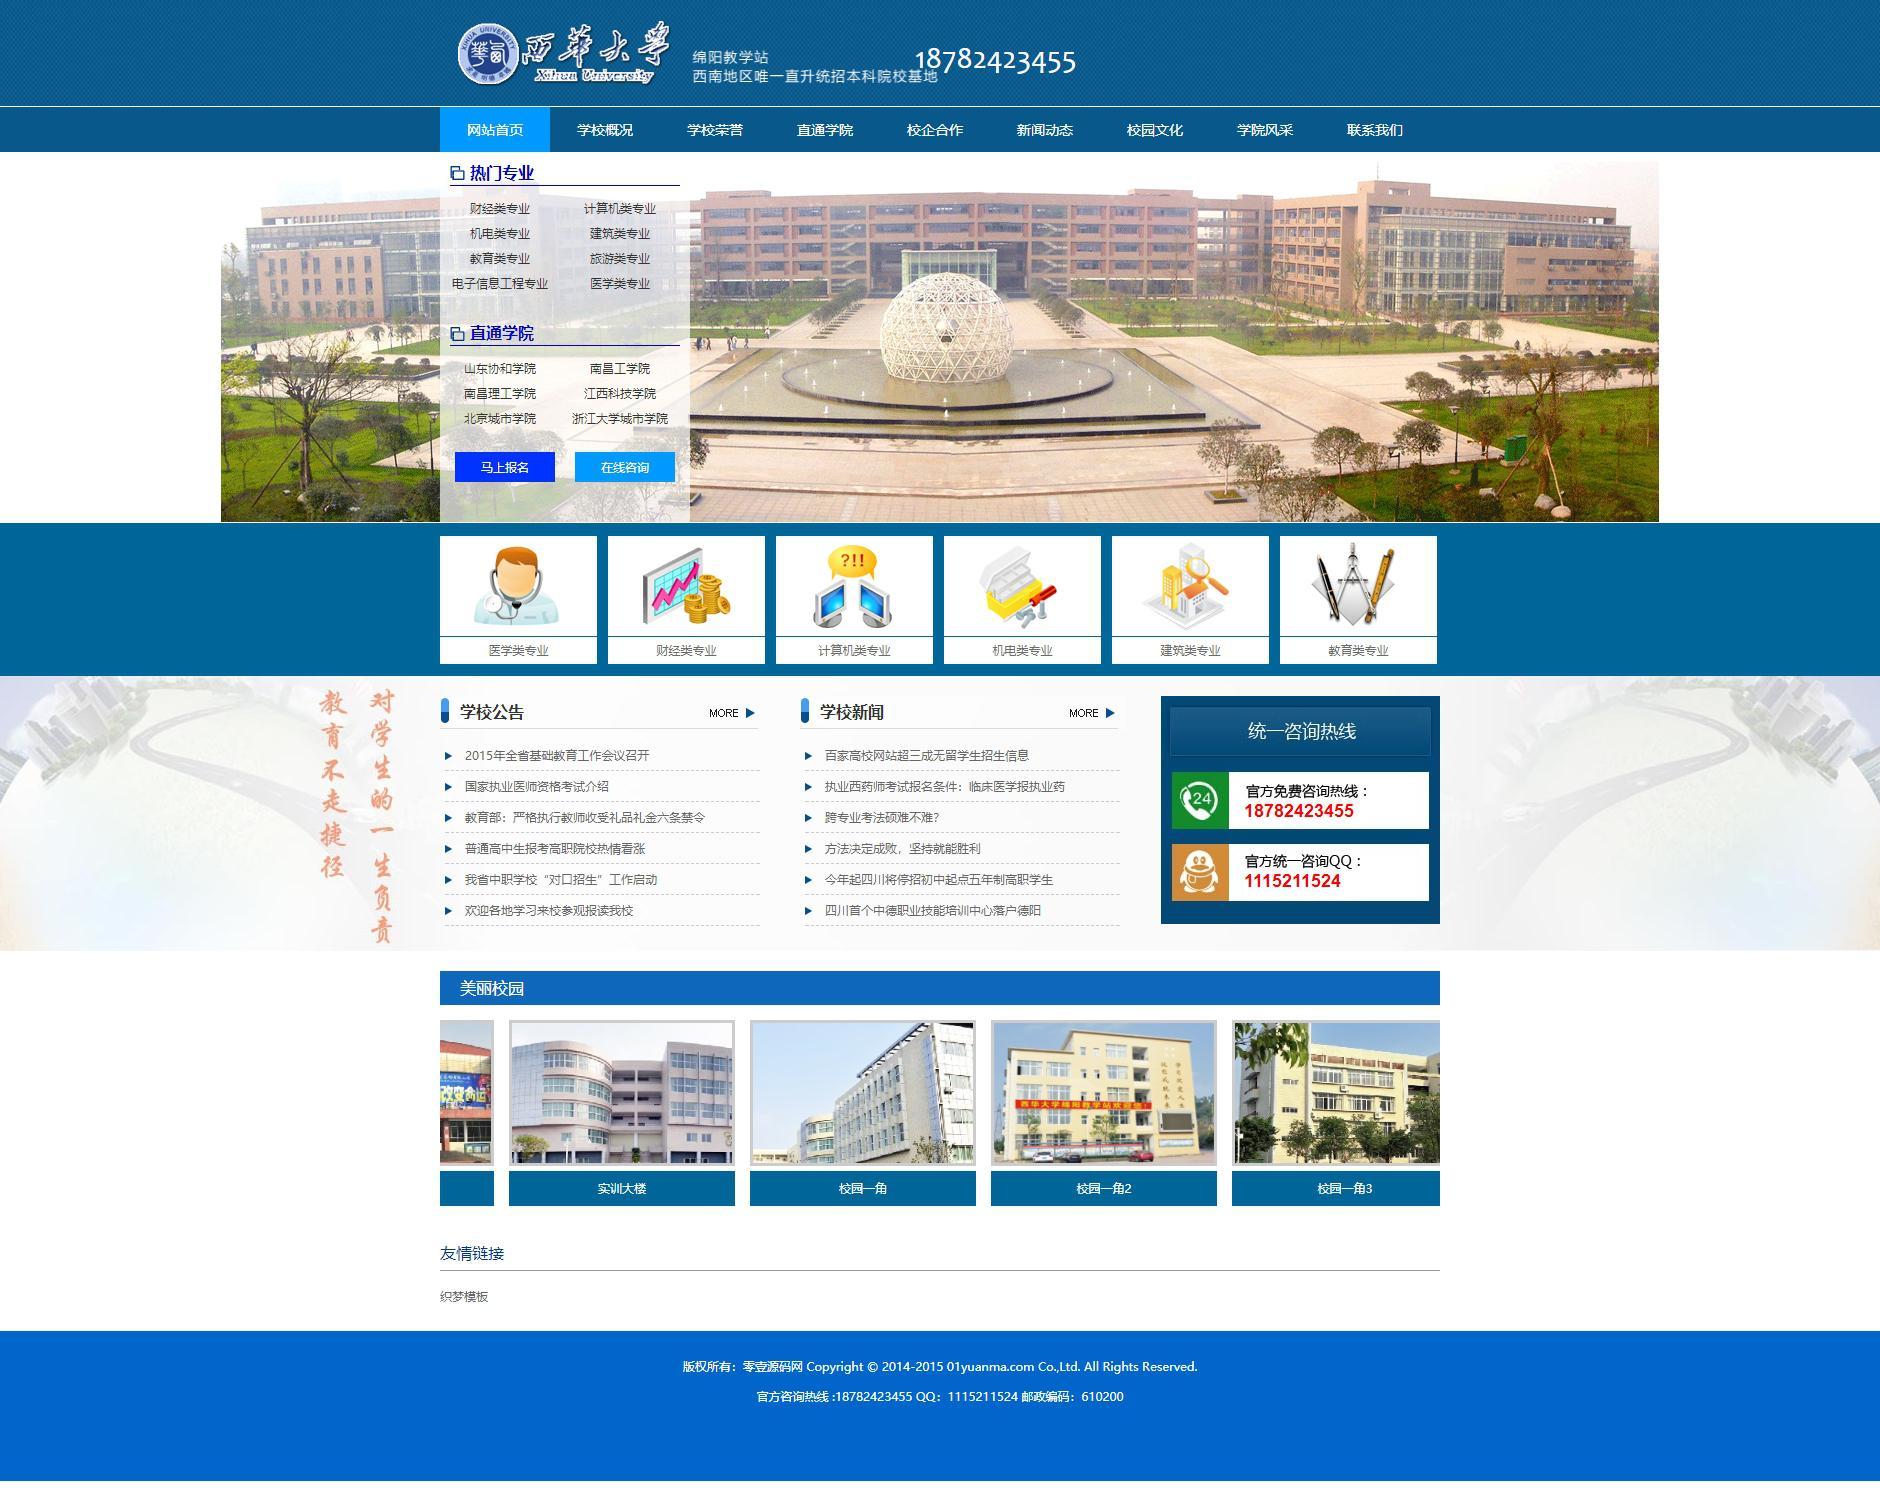 大气蓝色职业学校学院大学招生网企业宣传类企业网站织梦dedecms